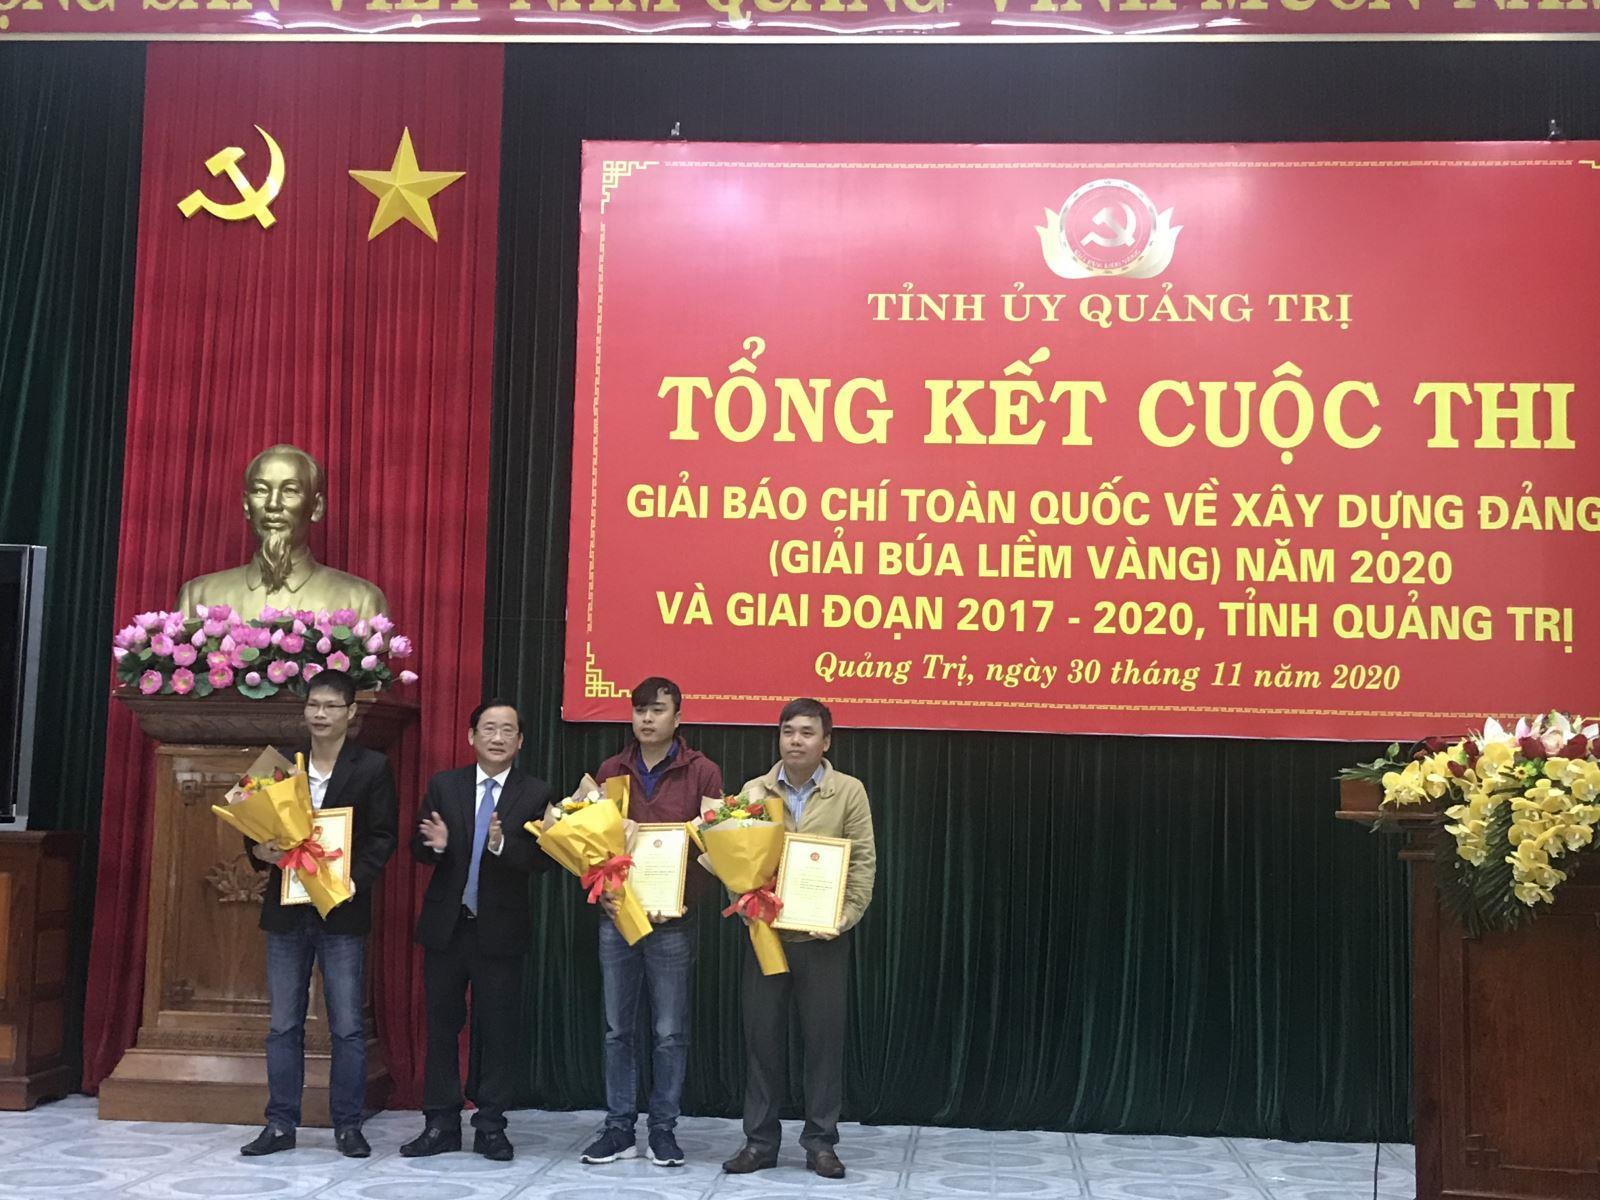 UBND tỉnh kiểm tra các công trình hồ đập thủy lợi ở huyện Vĩnh Linh